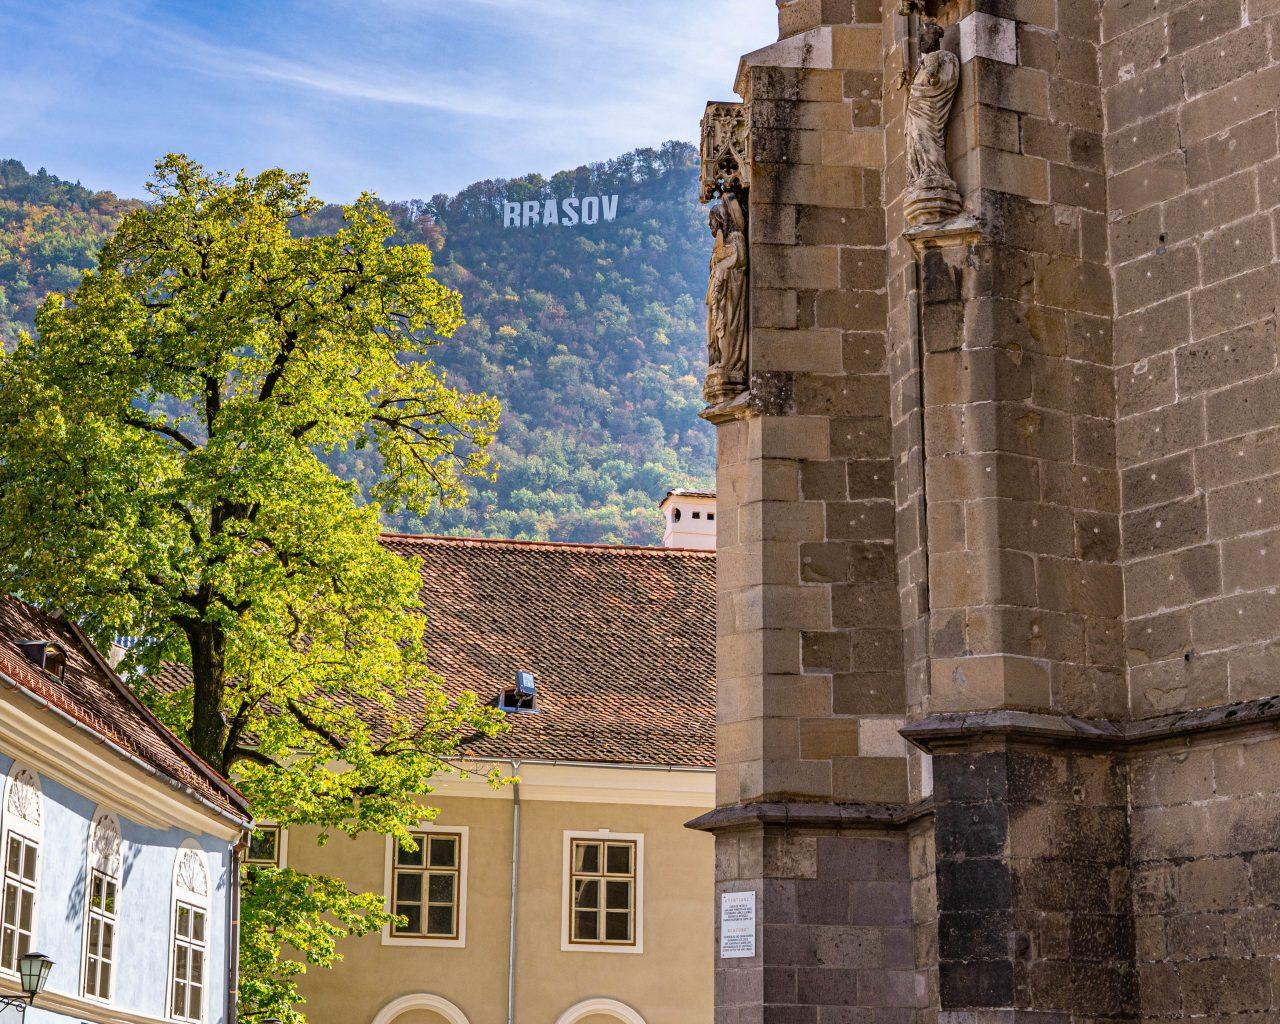 Brasov-kerk-en-sign